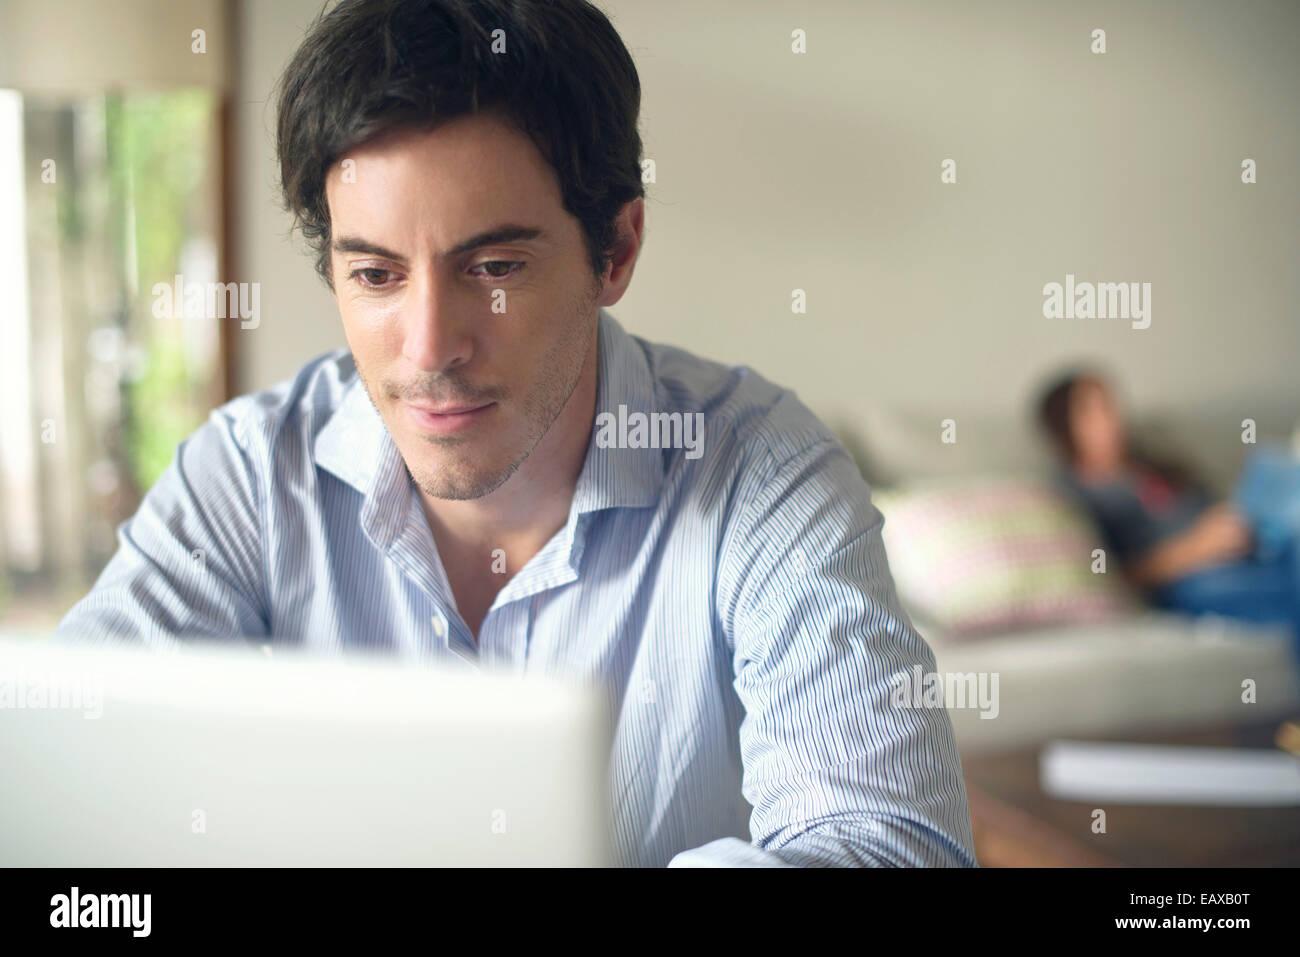 Uomo che utilizza il computer portatile Immagini Stock